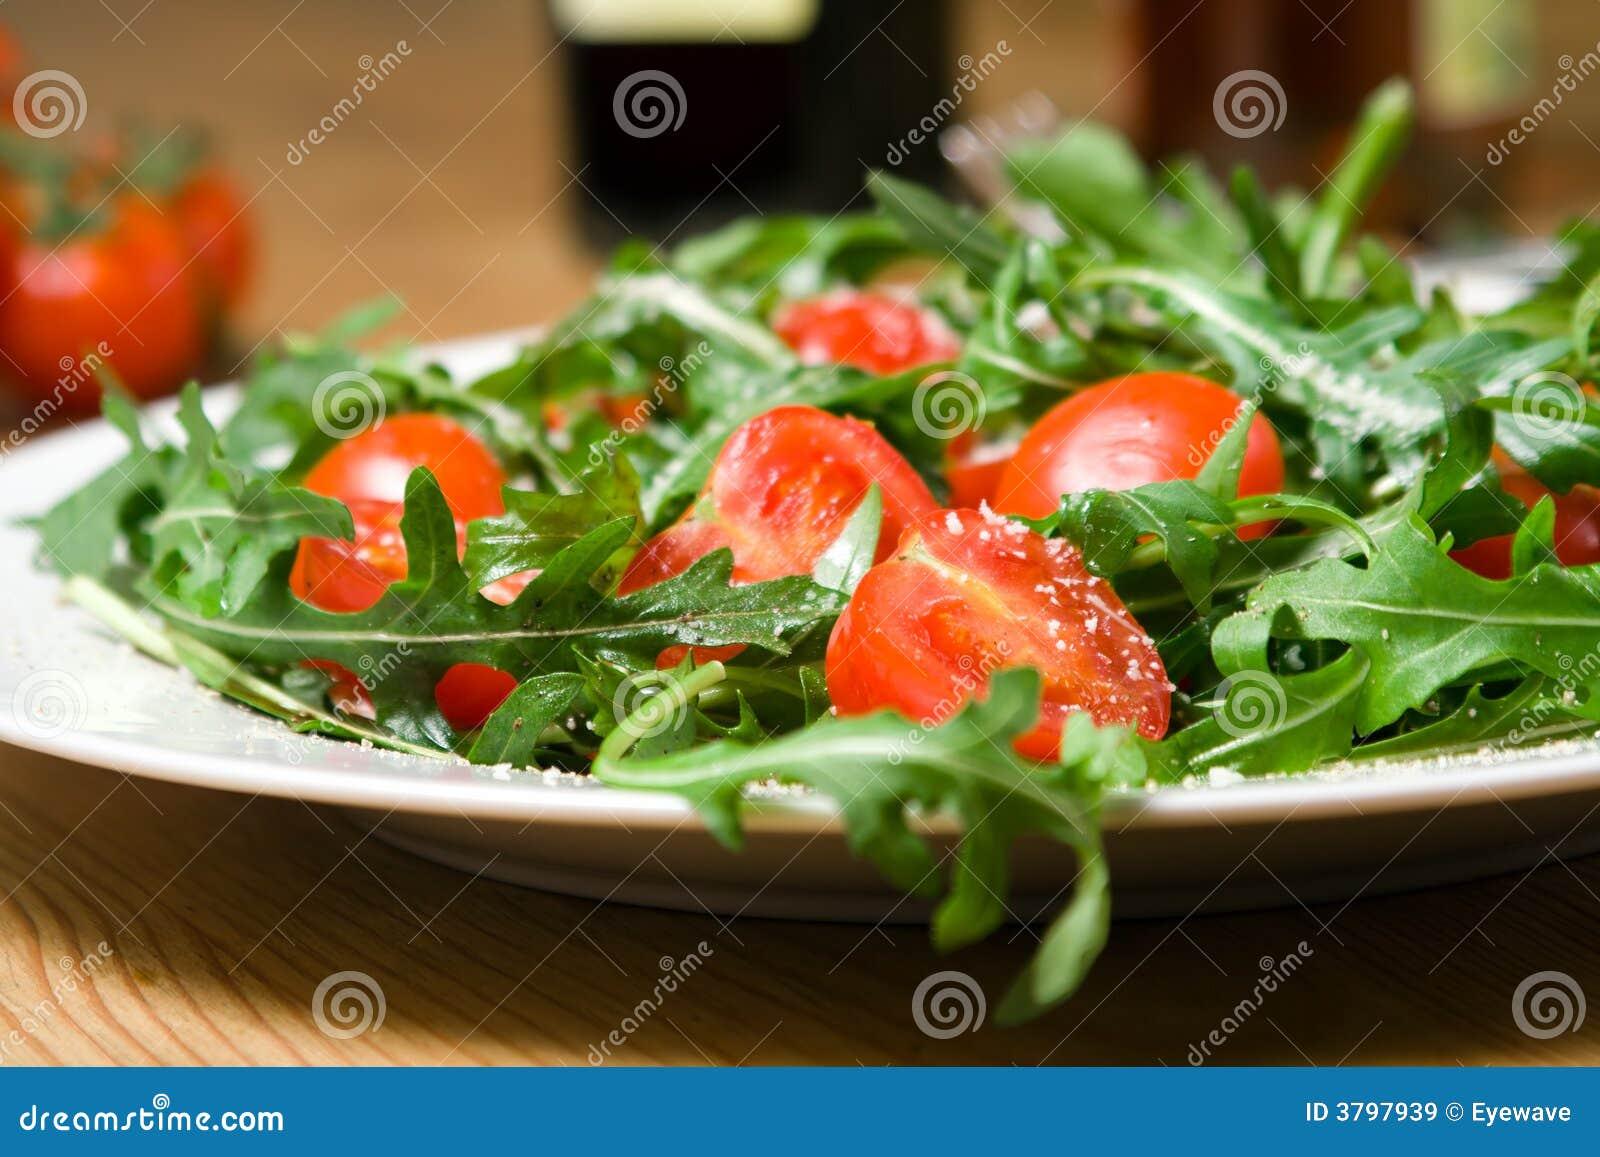 Italiaanse salade met rucola en tomaten royalty vrije for Vers de salade